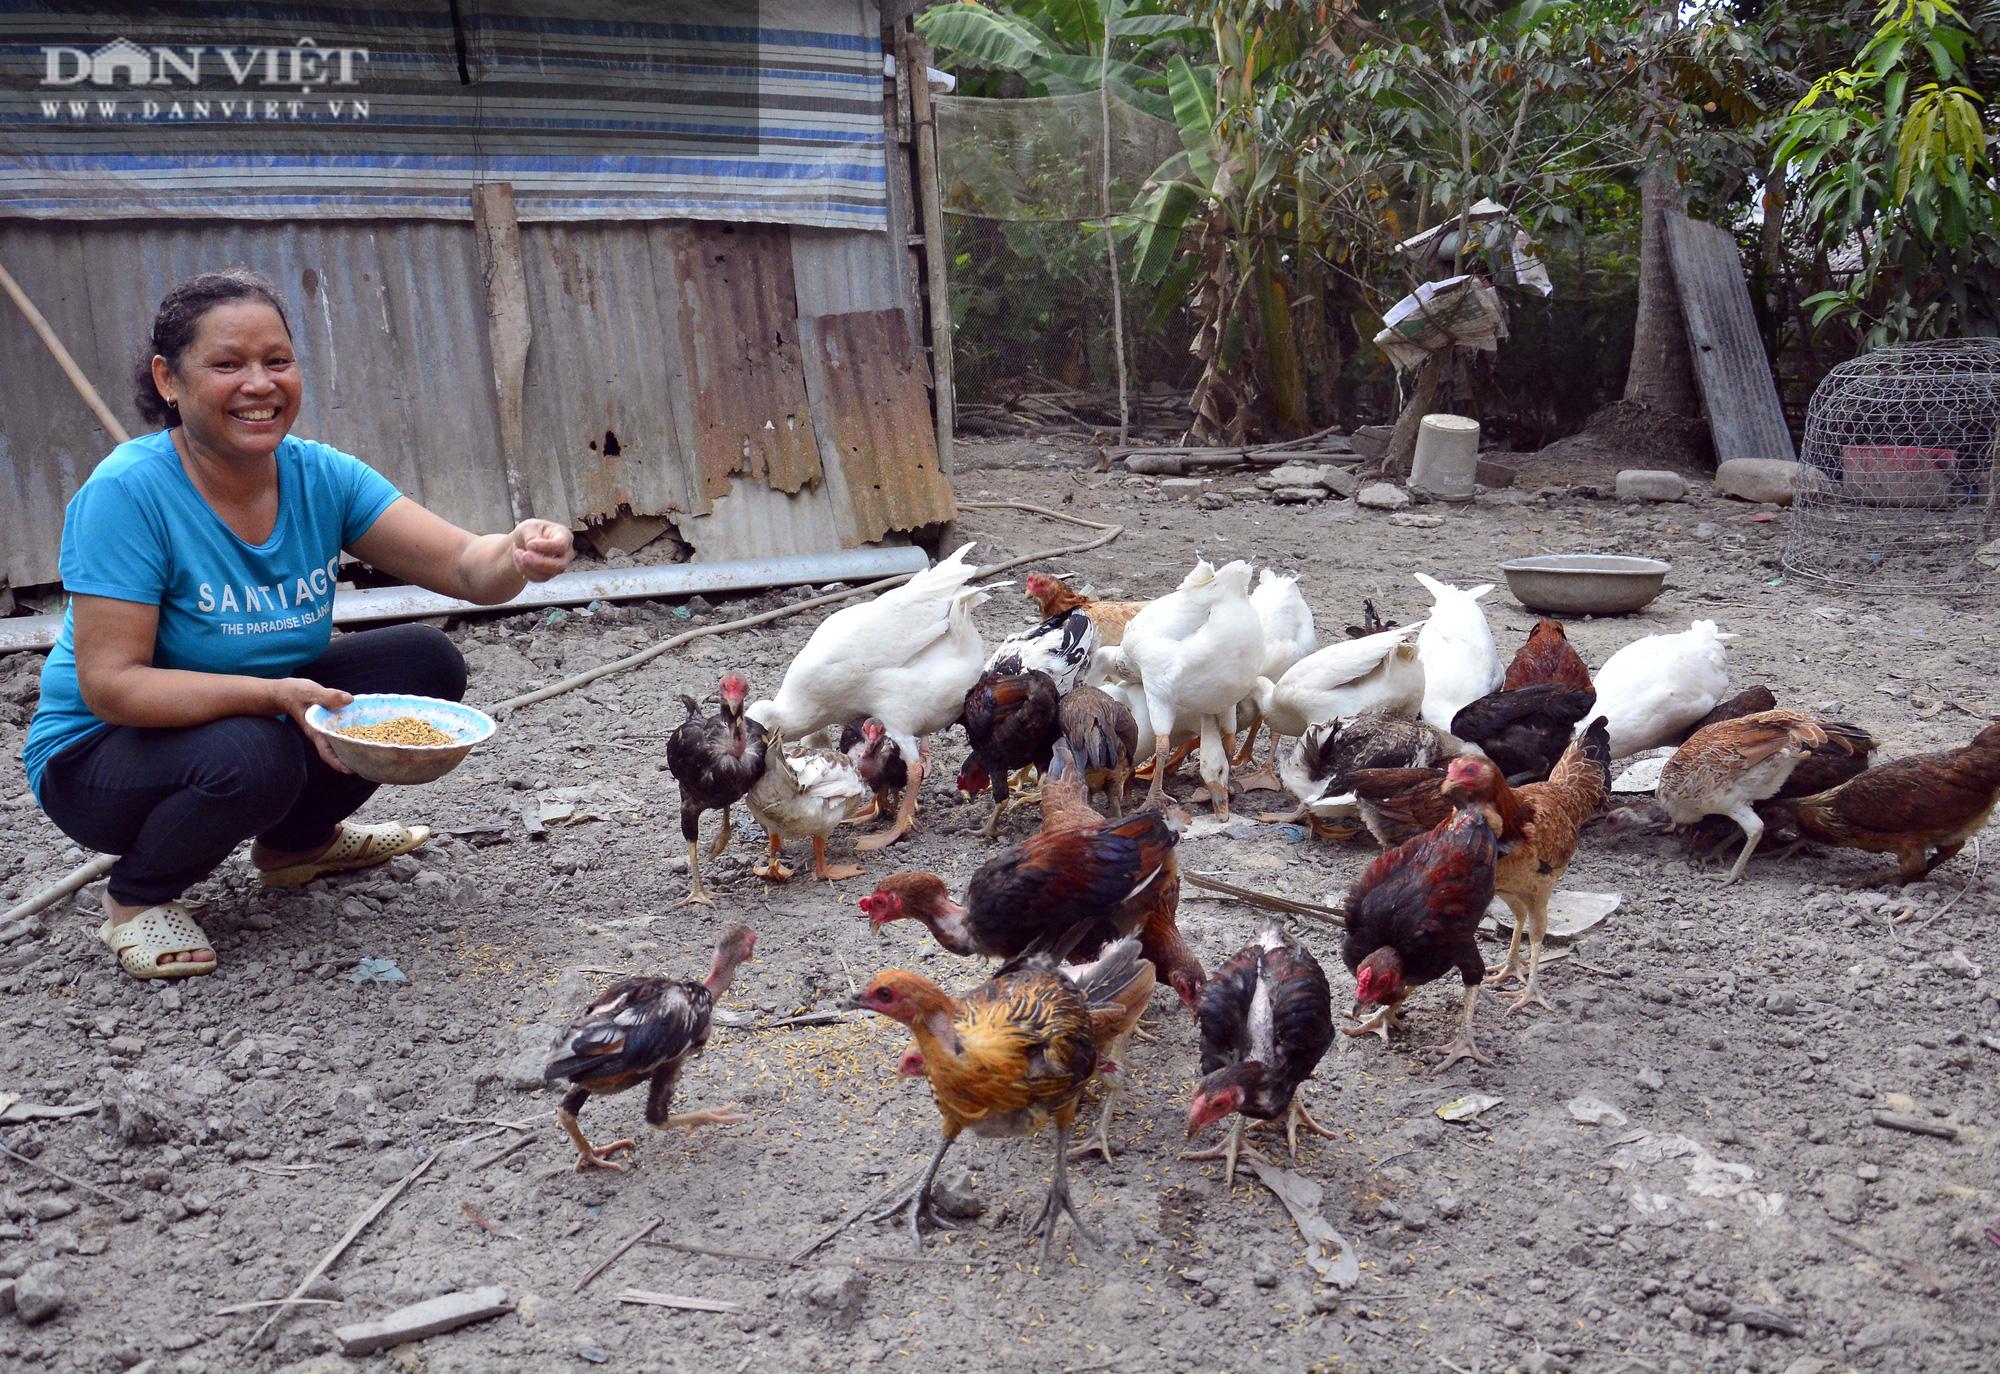 Kiên Giang: Nữ chi hội trưởng đảm việc nước giỏi việc nhà, mỗi năm kiếm trên trăm triệu - Ảnh 1.